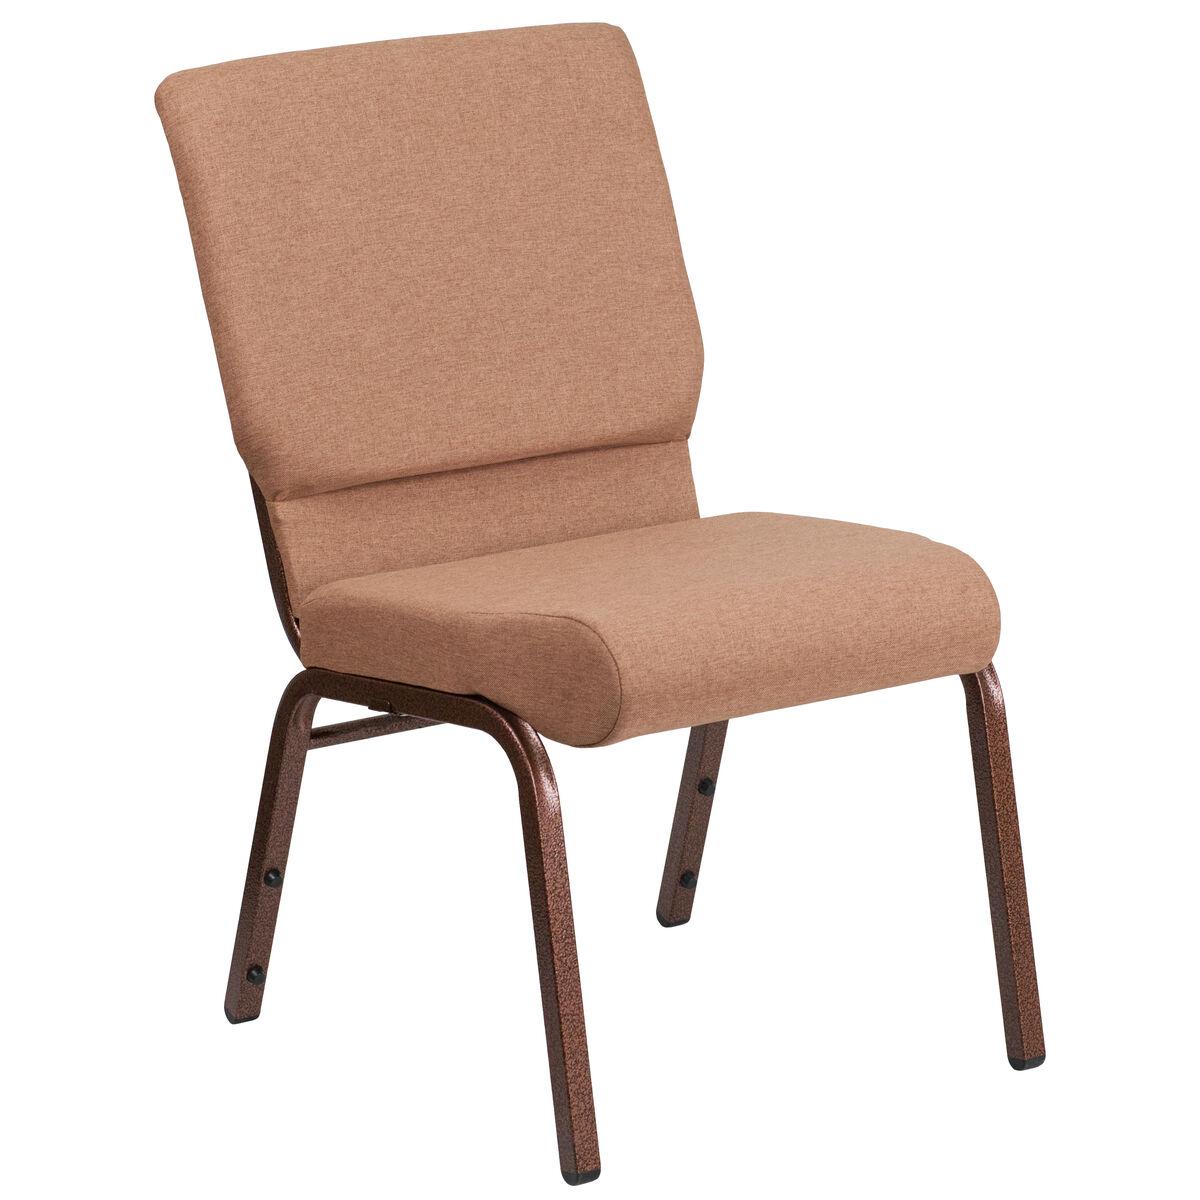 For Less Furniture: Caramel Fabric Church Chair FD-CH02185-CV-BN-GG